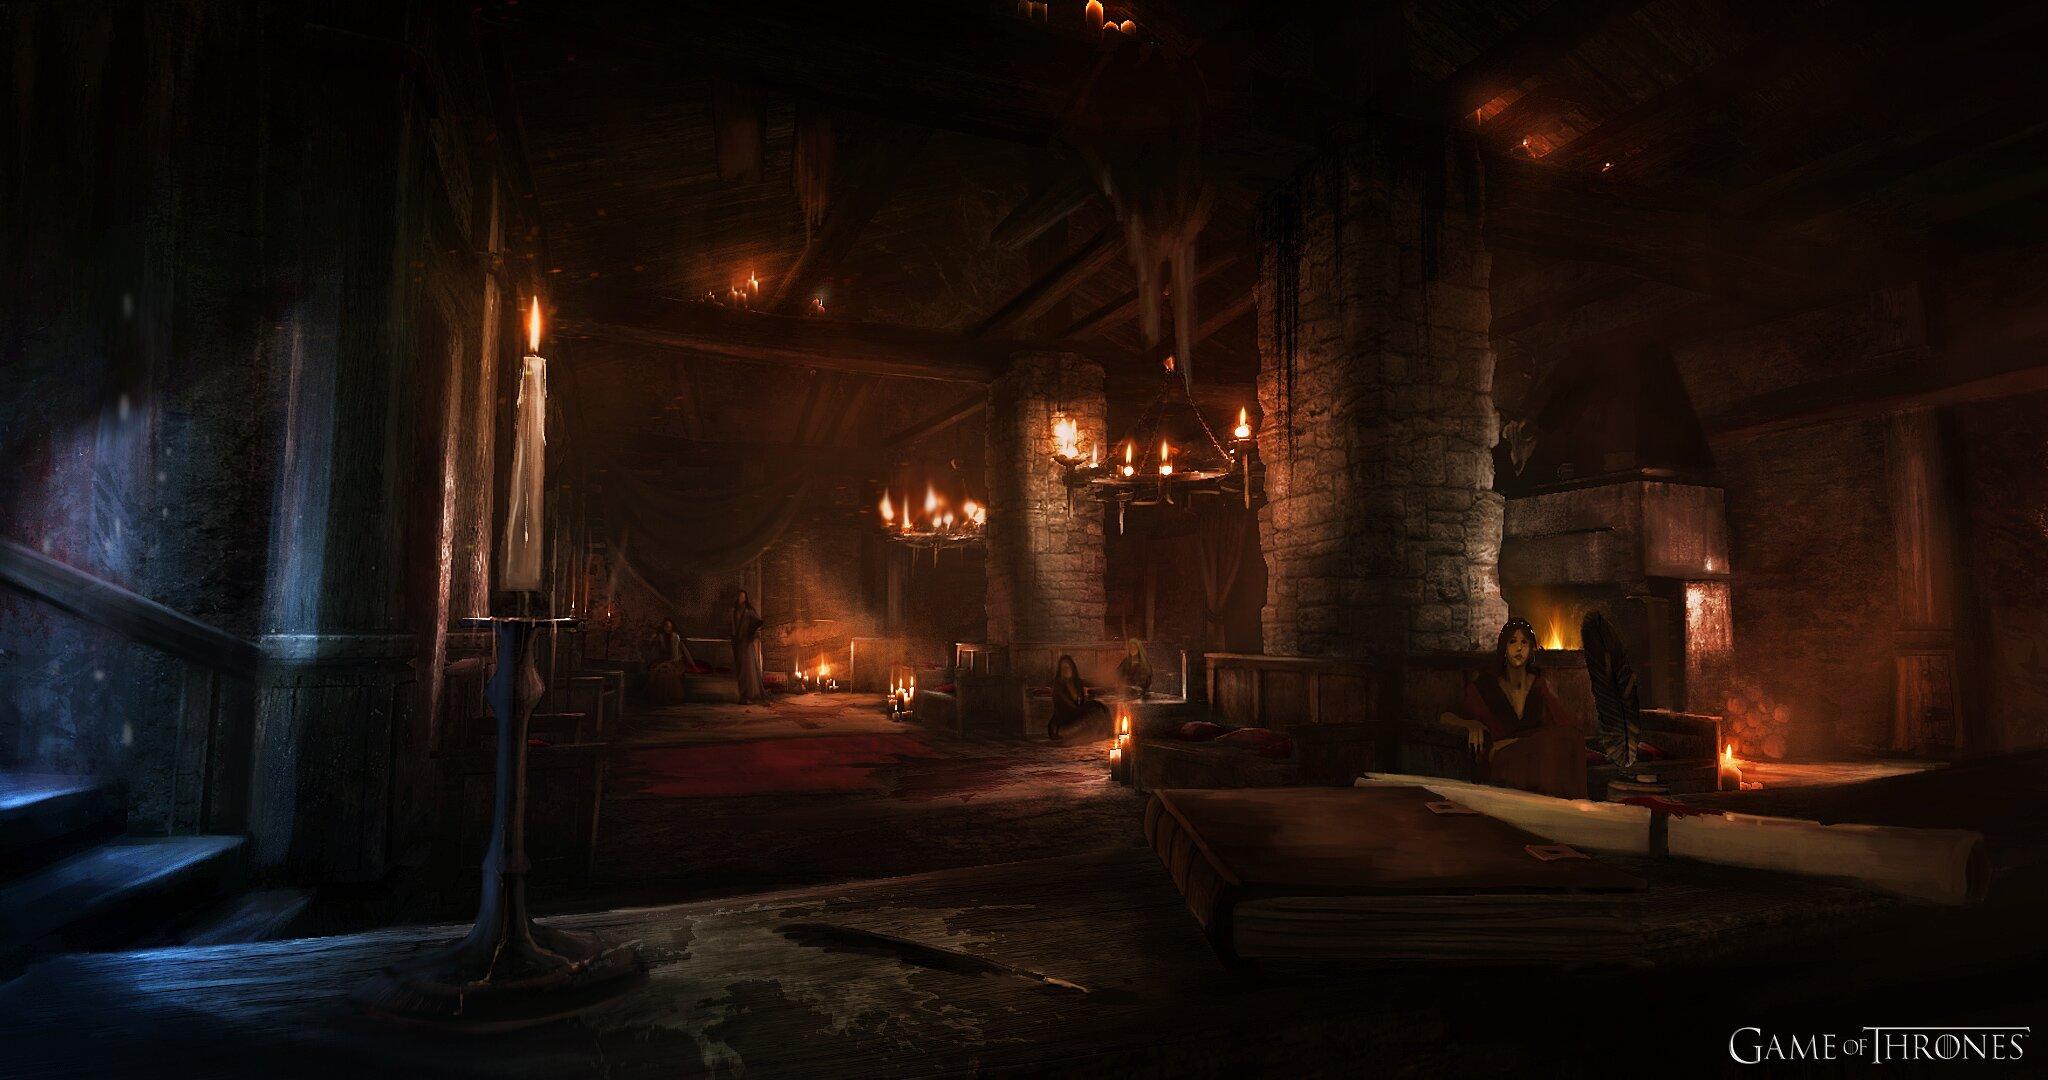 Imagenes Epicas Gameofthrones_artwork-12